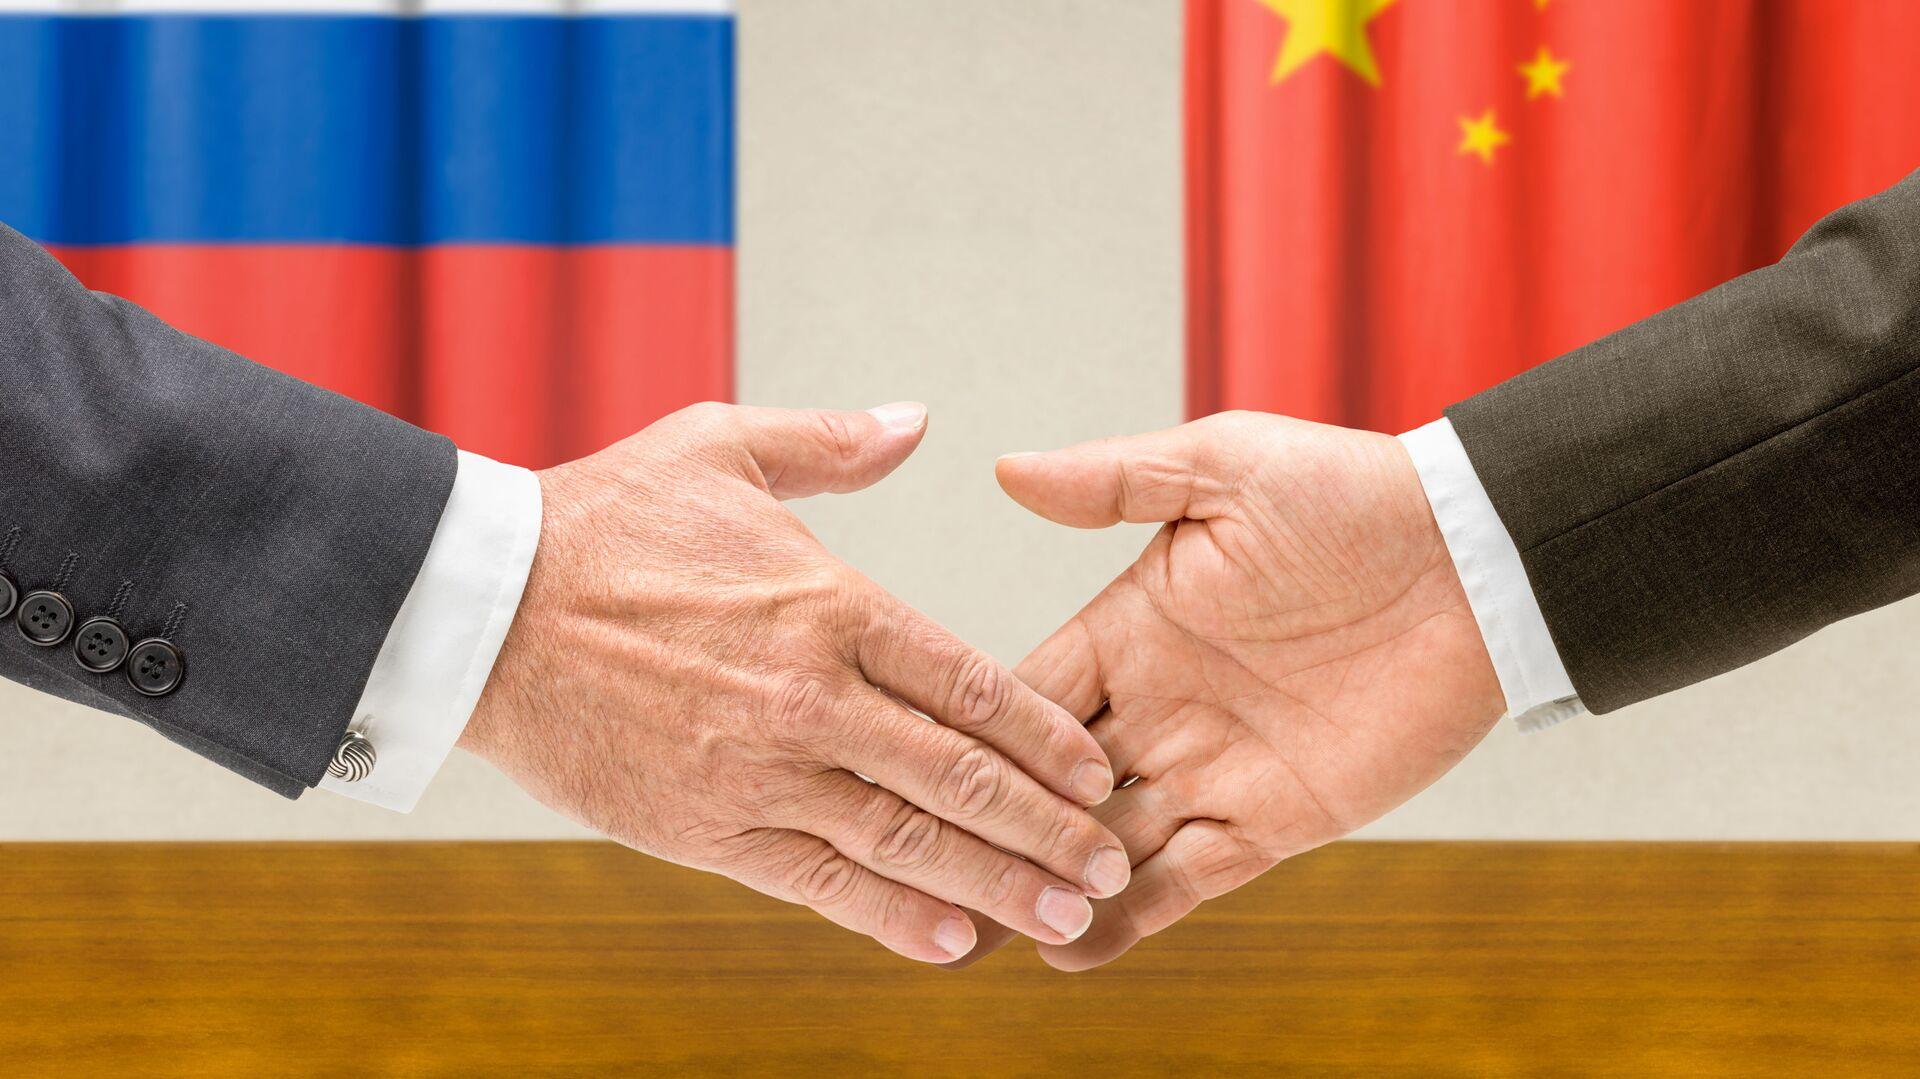 La cooperazione tra Cina e Russia - Sputnik Italia, 1920, 28.06.2021